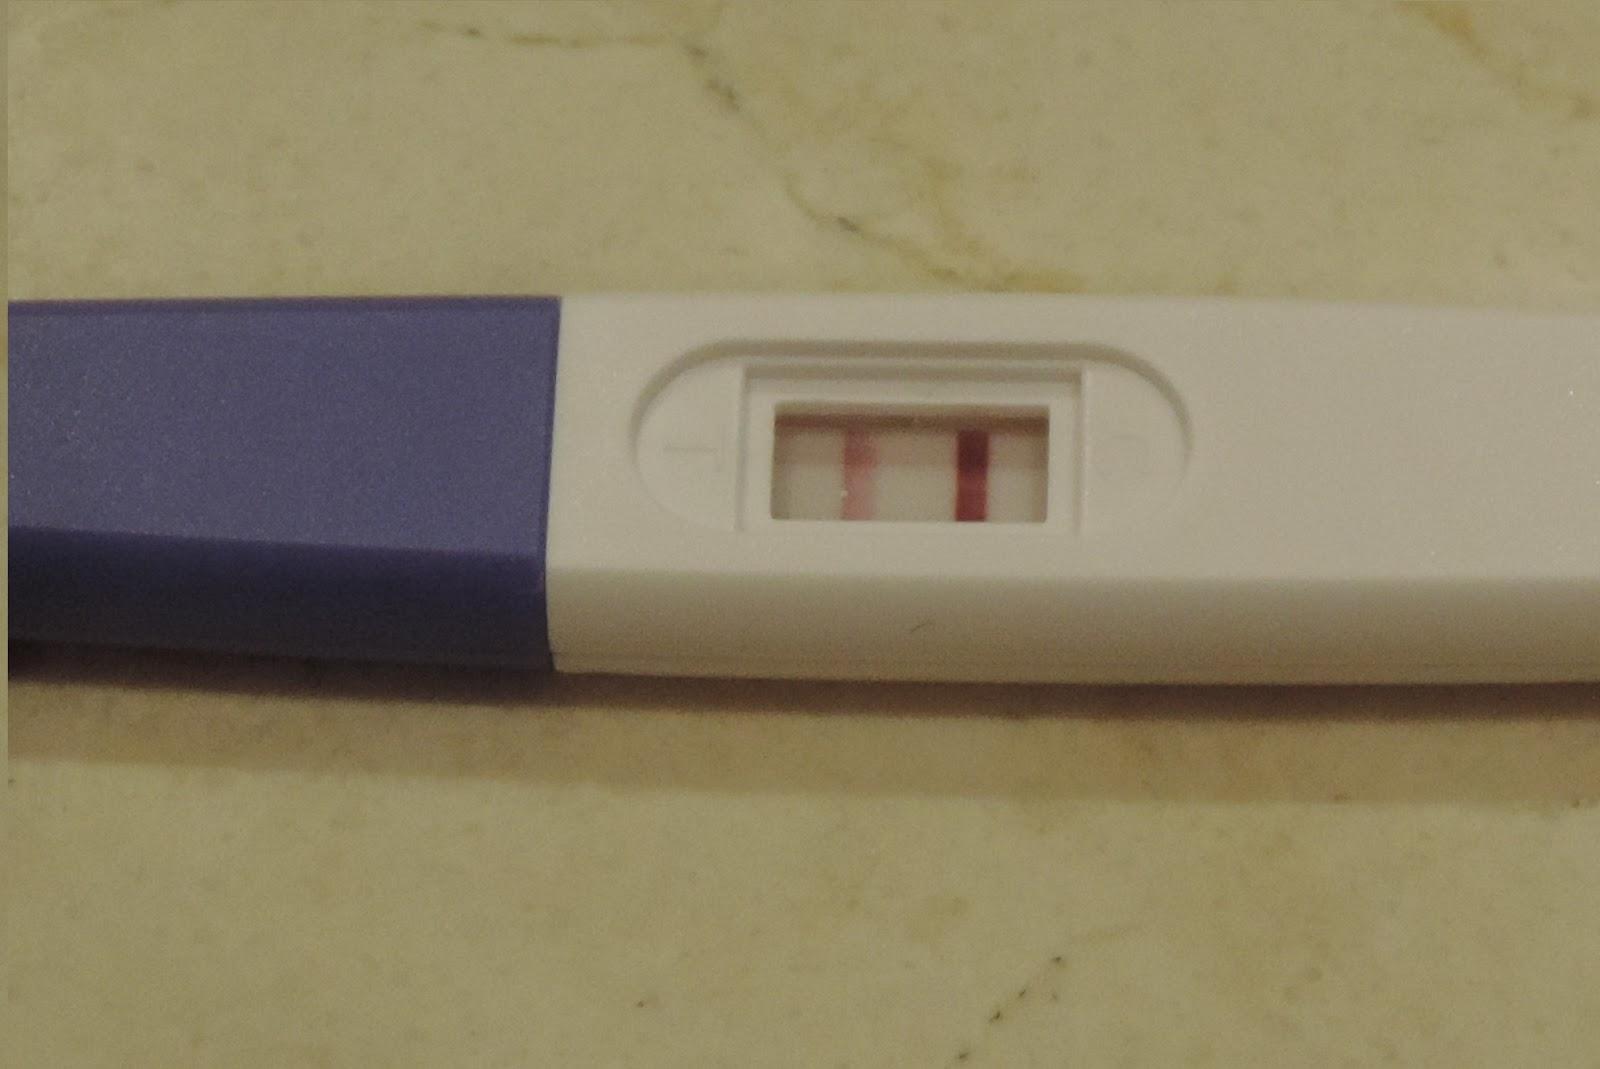 Prueba De Embarazo Positiva: Happy Mummy: Resultado Del Test De Embarazo... ¡Positivo